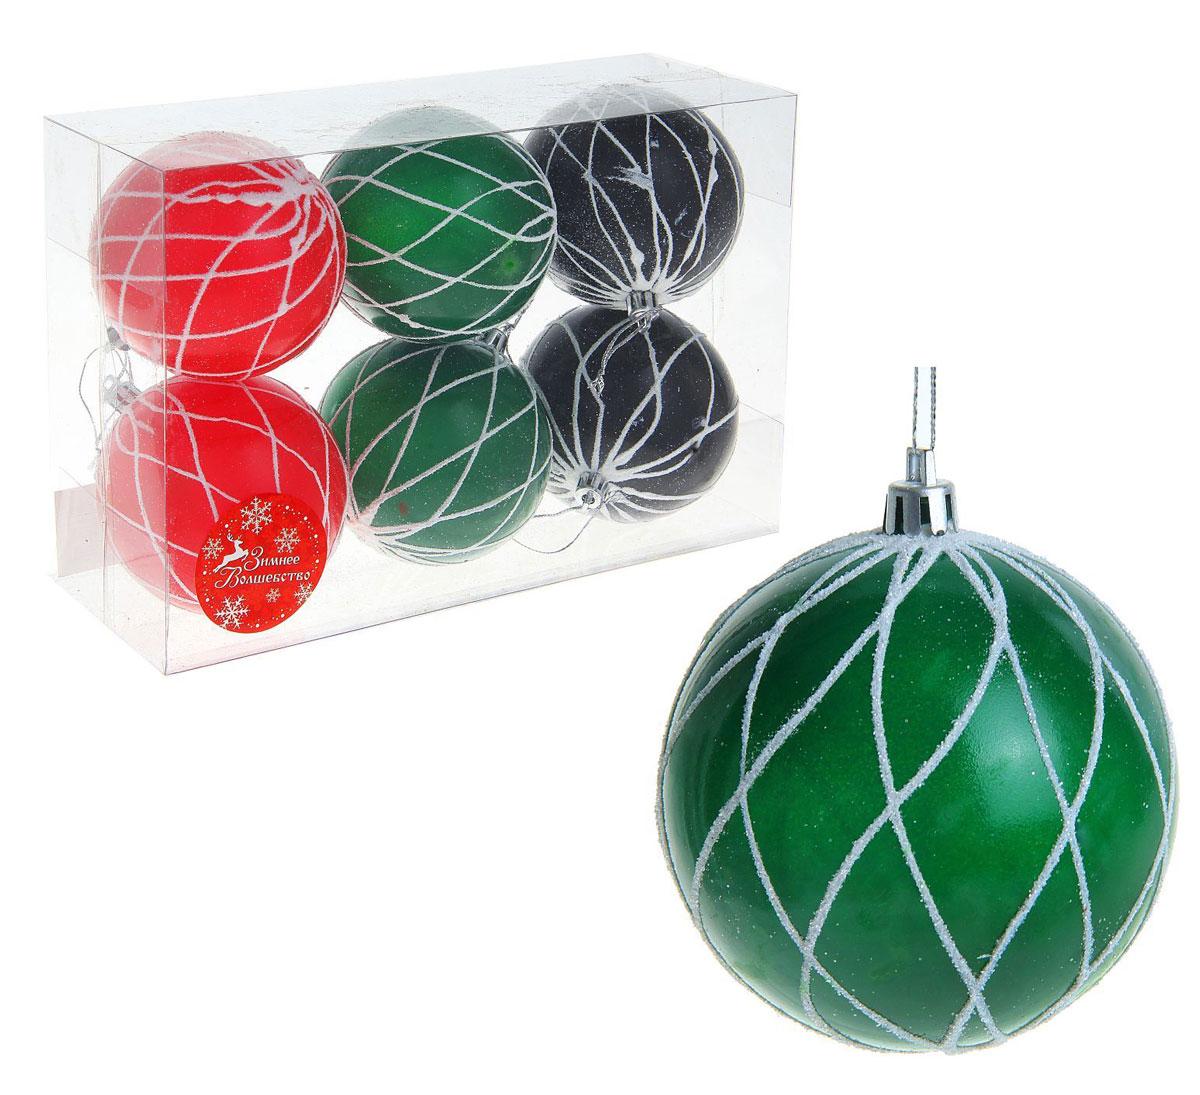 Набор новогодних подвесных украшений Sima-land Мираж. Сеточка, диаметр 8 см, 6 шт1061058Невозможно представить нашу жизнь без праздников! Мы всегда ждём их и предвкушаем, обдумываем, как проведём памятный день, тщательно выбираем подарки и аксессуары, ведь именно они создают и поддерживают торжественный настрой.